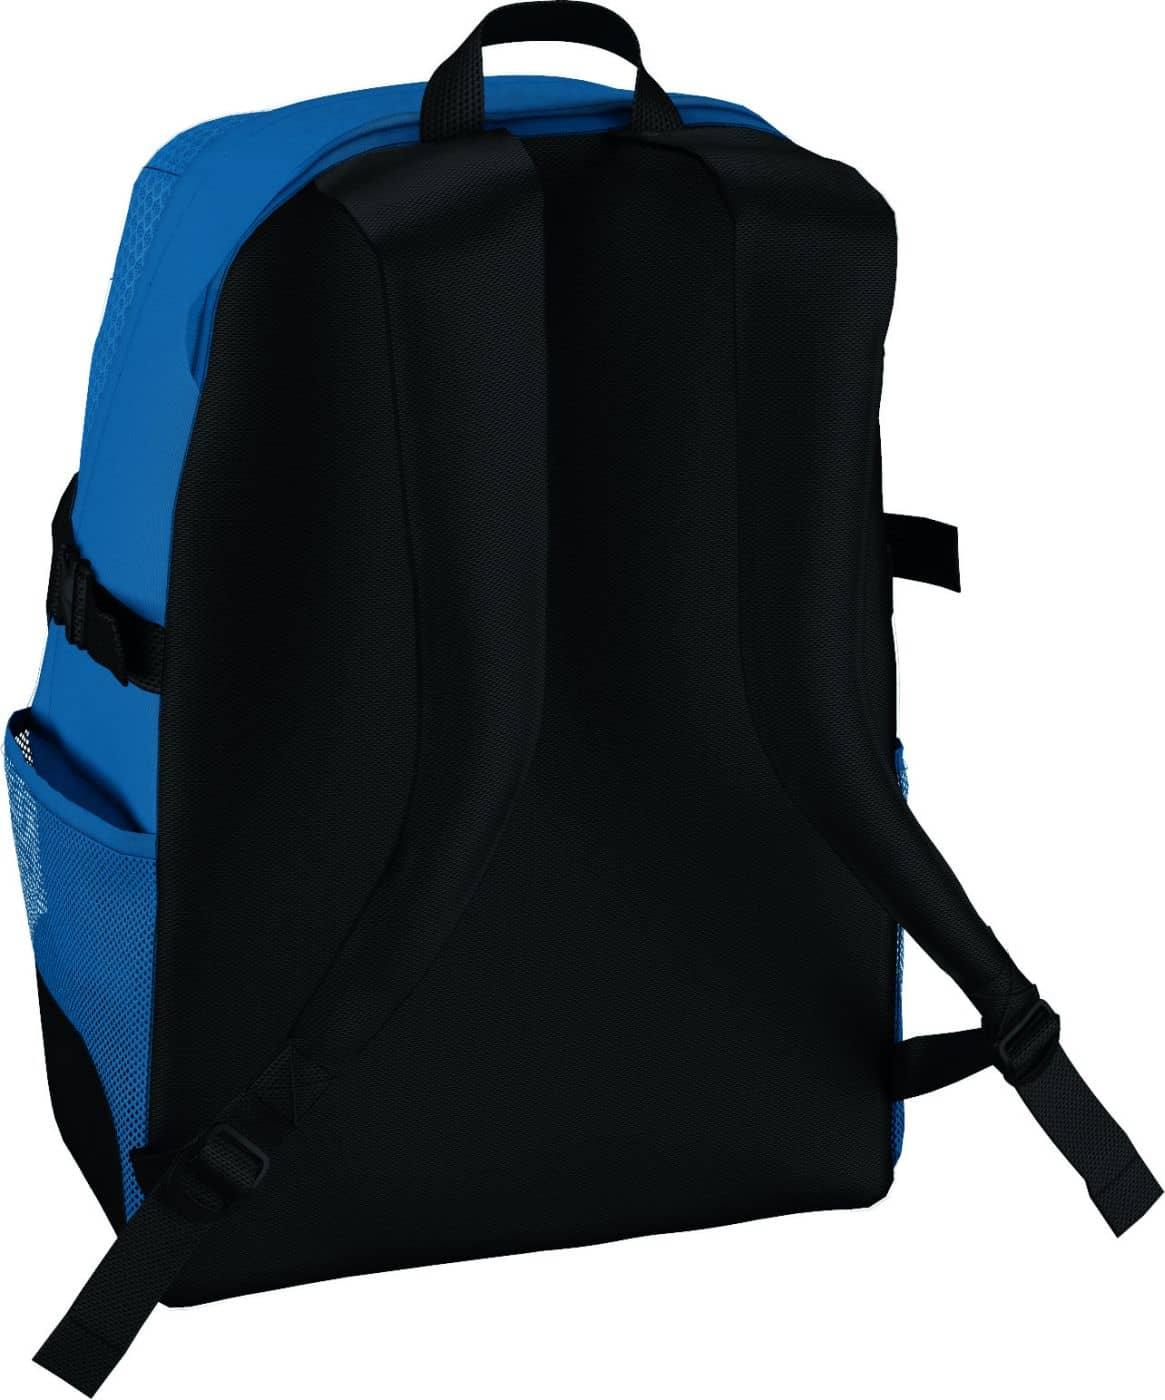 adidas rucksack power iii m blau g nstig online kaufen. Black Bedroom Furniture Sets. Home Design Ideas